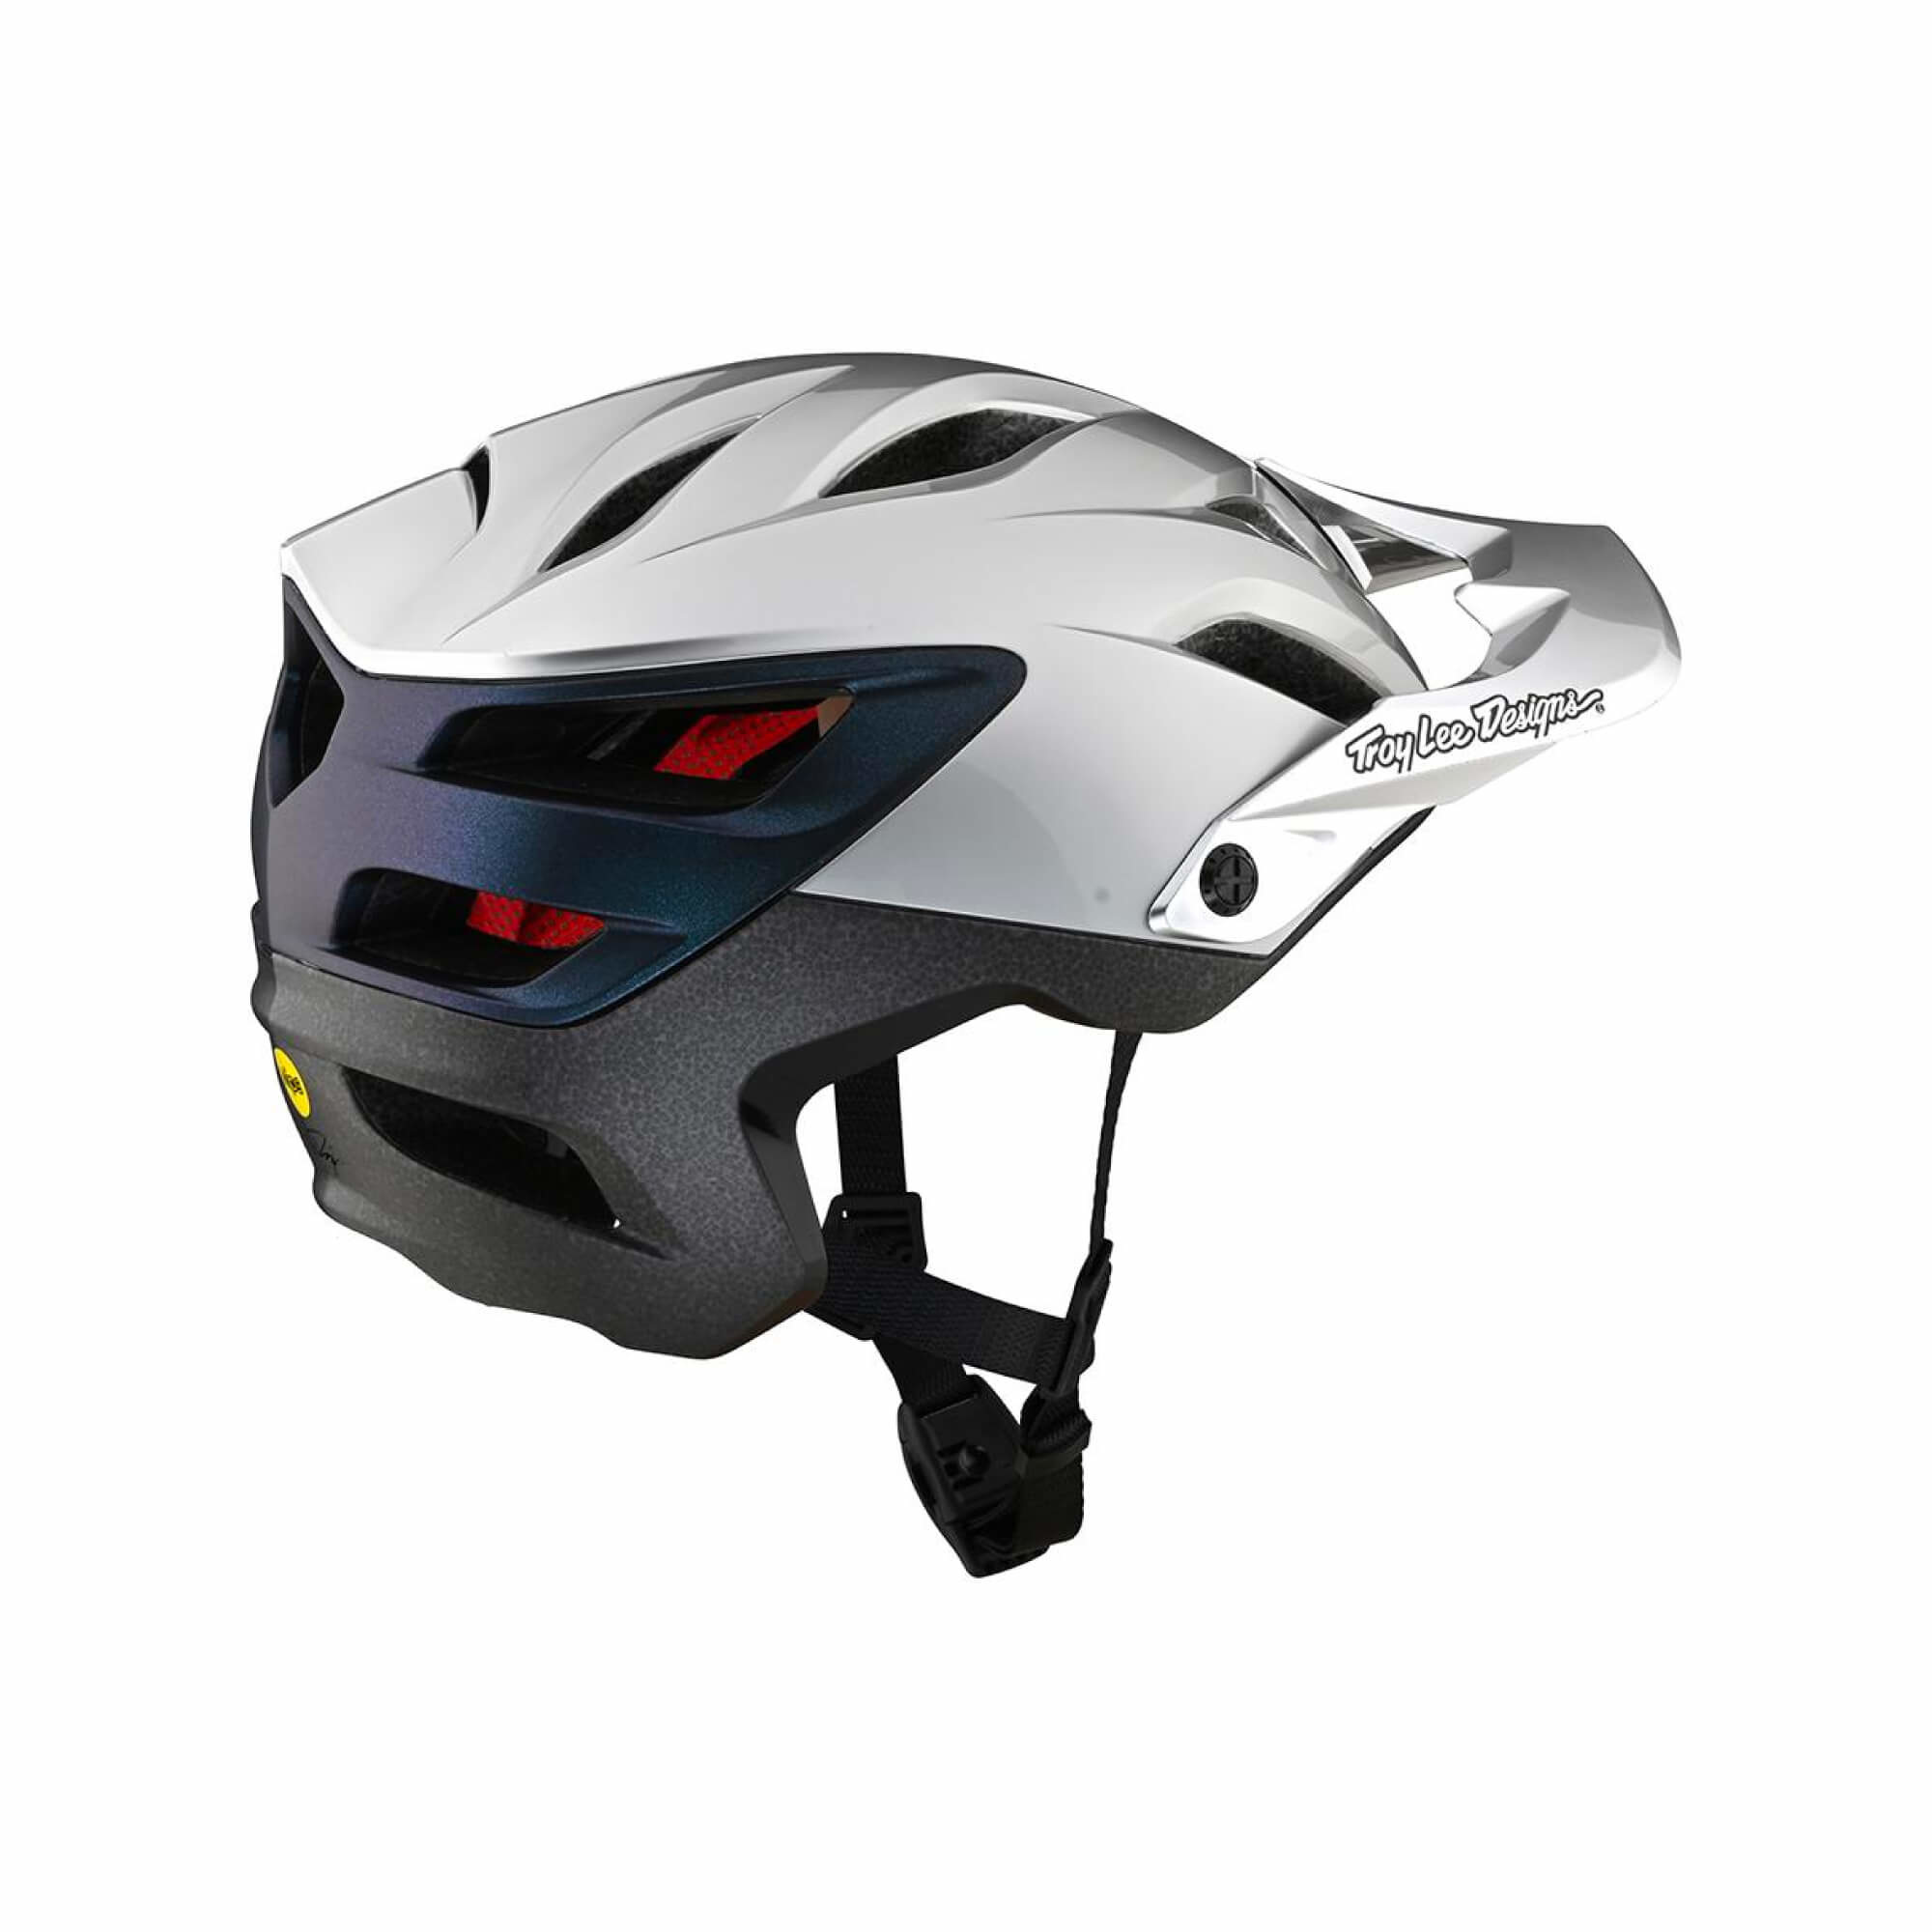 A3 As Mips Helmet Uno 2021-5